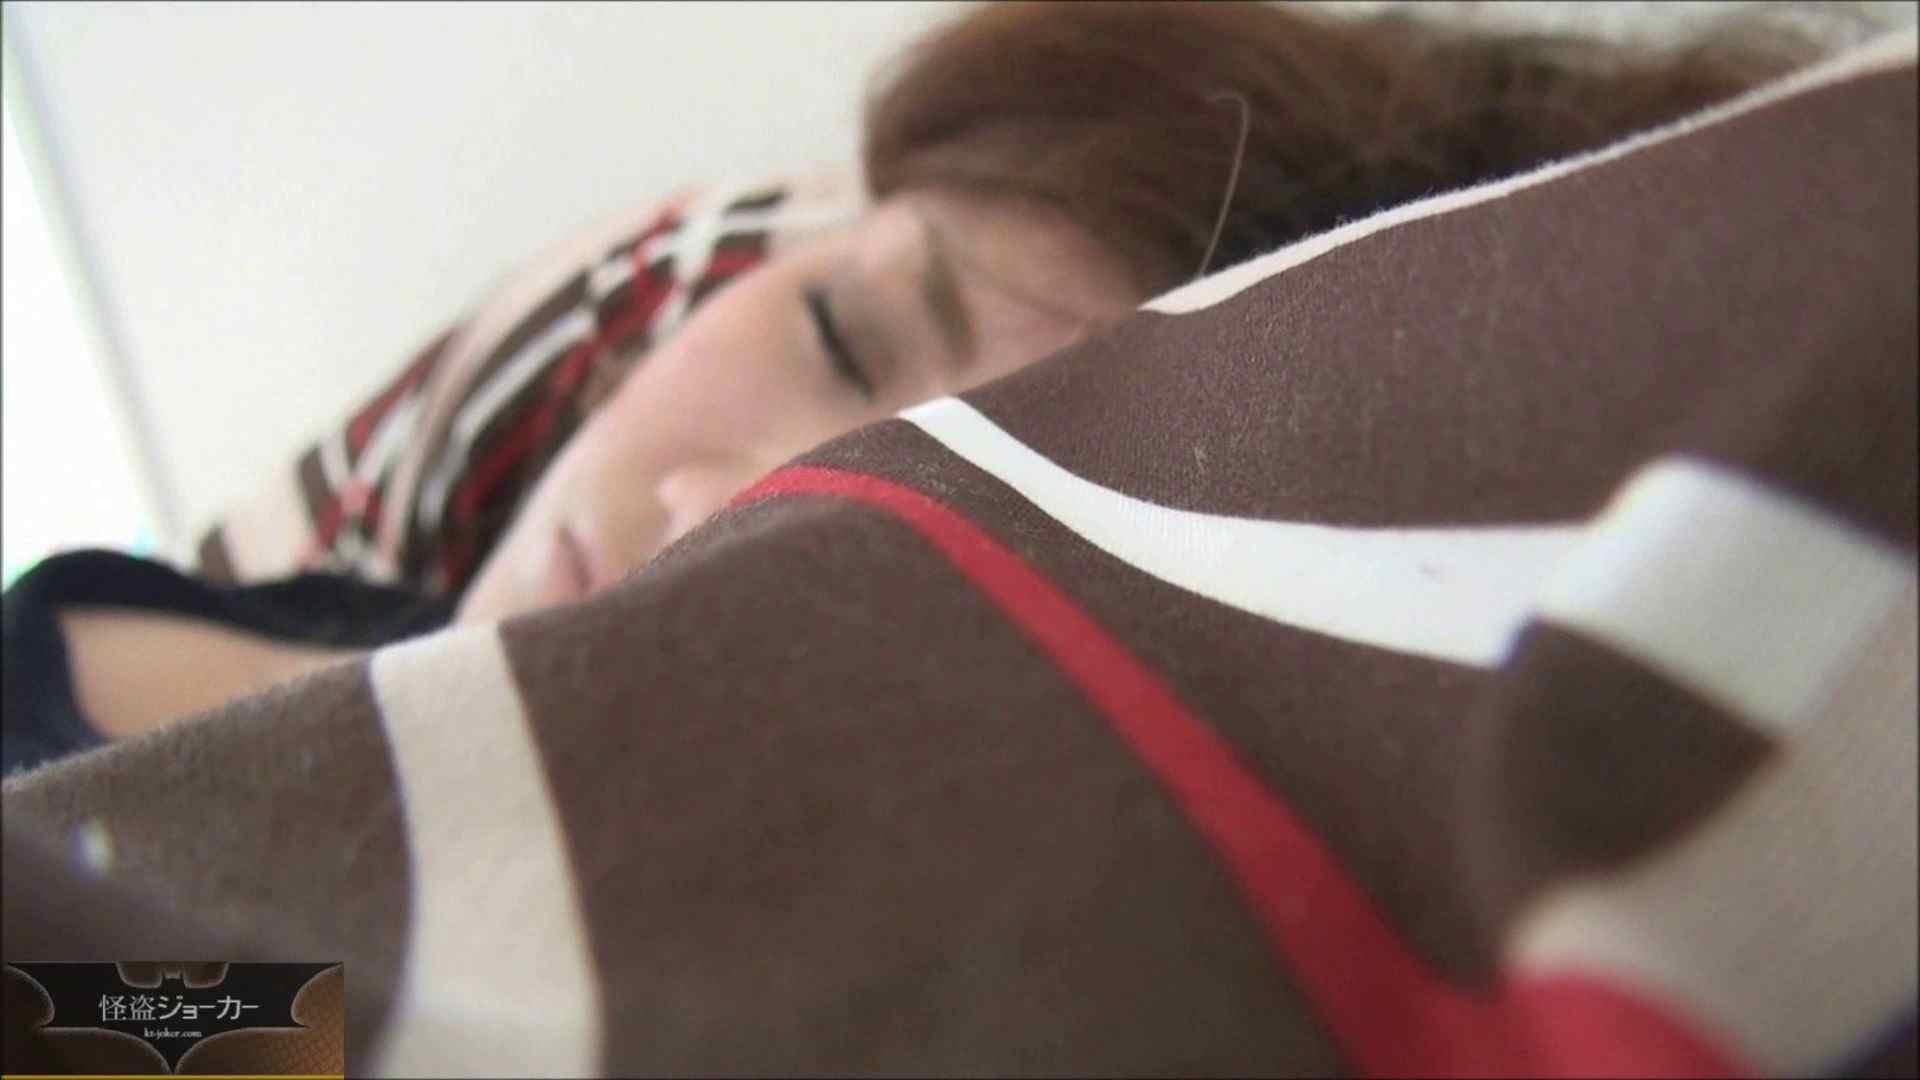 【未公開】vol.63 友喰い…Mちゃん&Yちゃん、dei●した朝方に。 魅力 ワレメ無修正動画無料 110画像 109